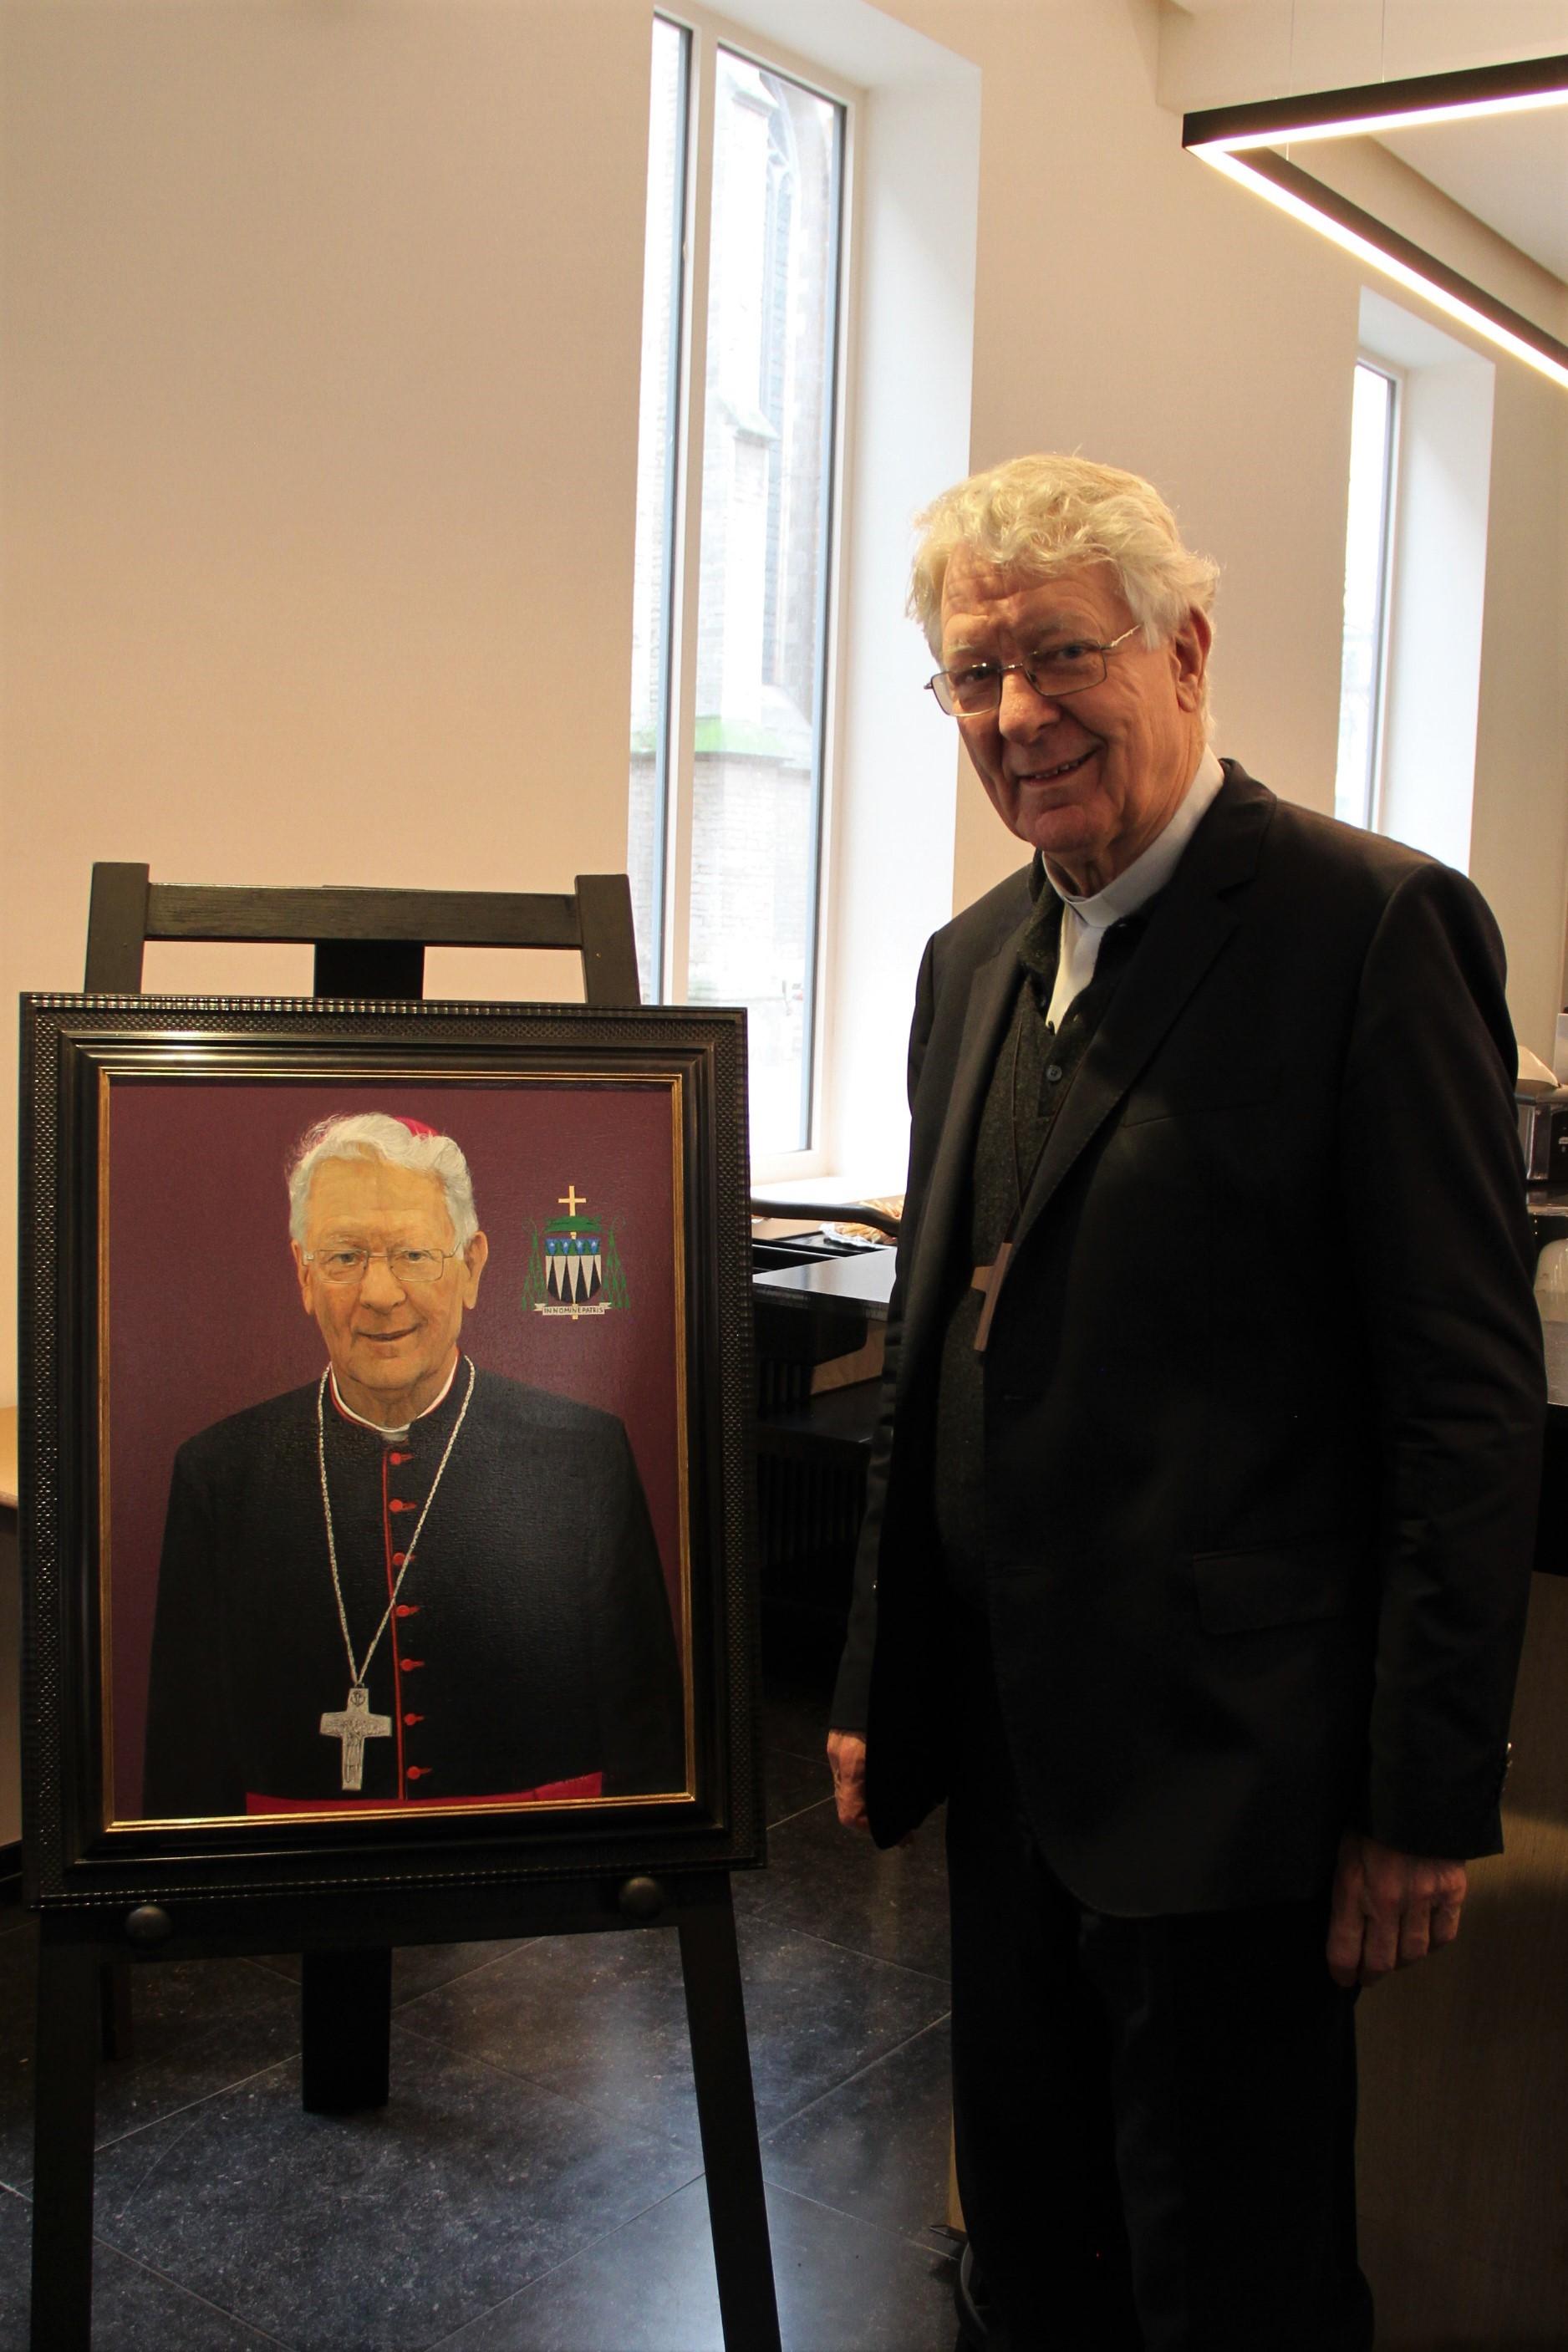 Portret bisschop Luc Van Looy © Bisdom Gent, foto: Ellen Eeckhout